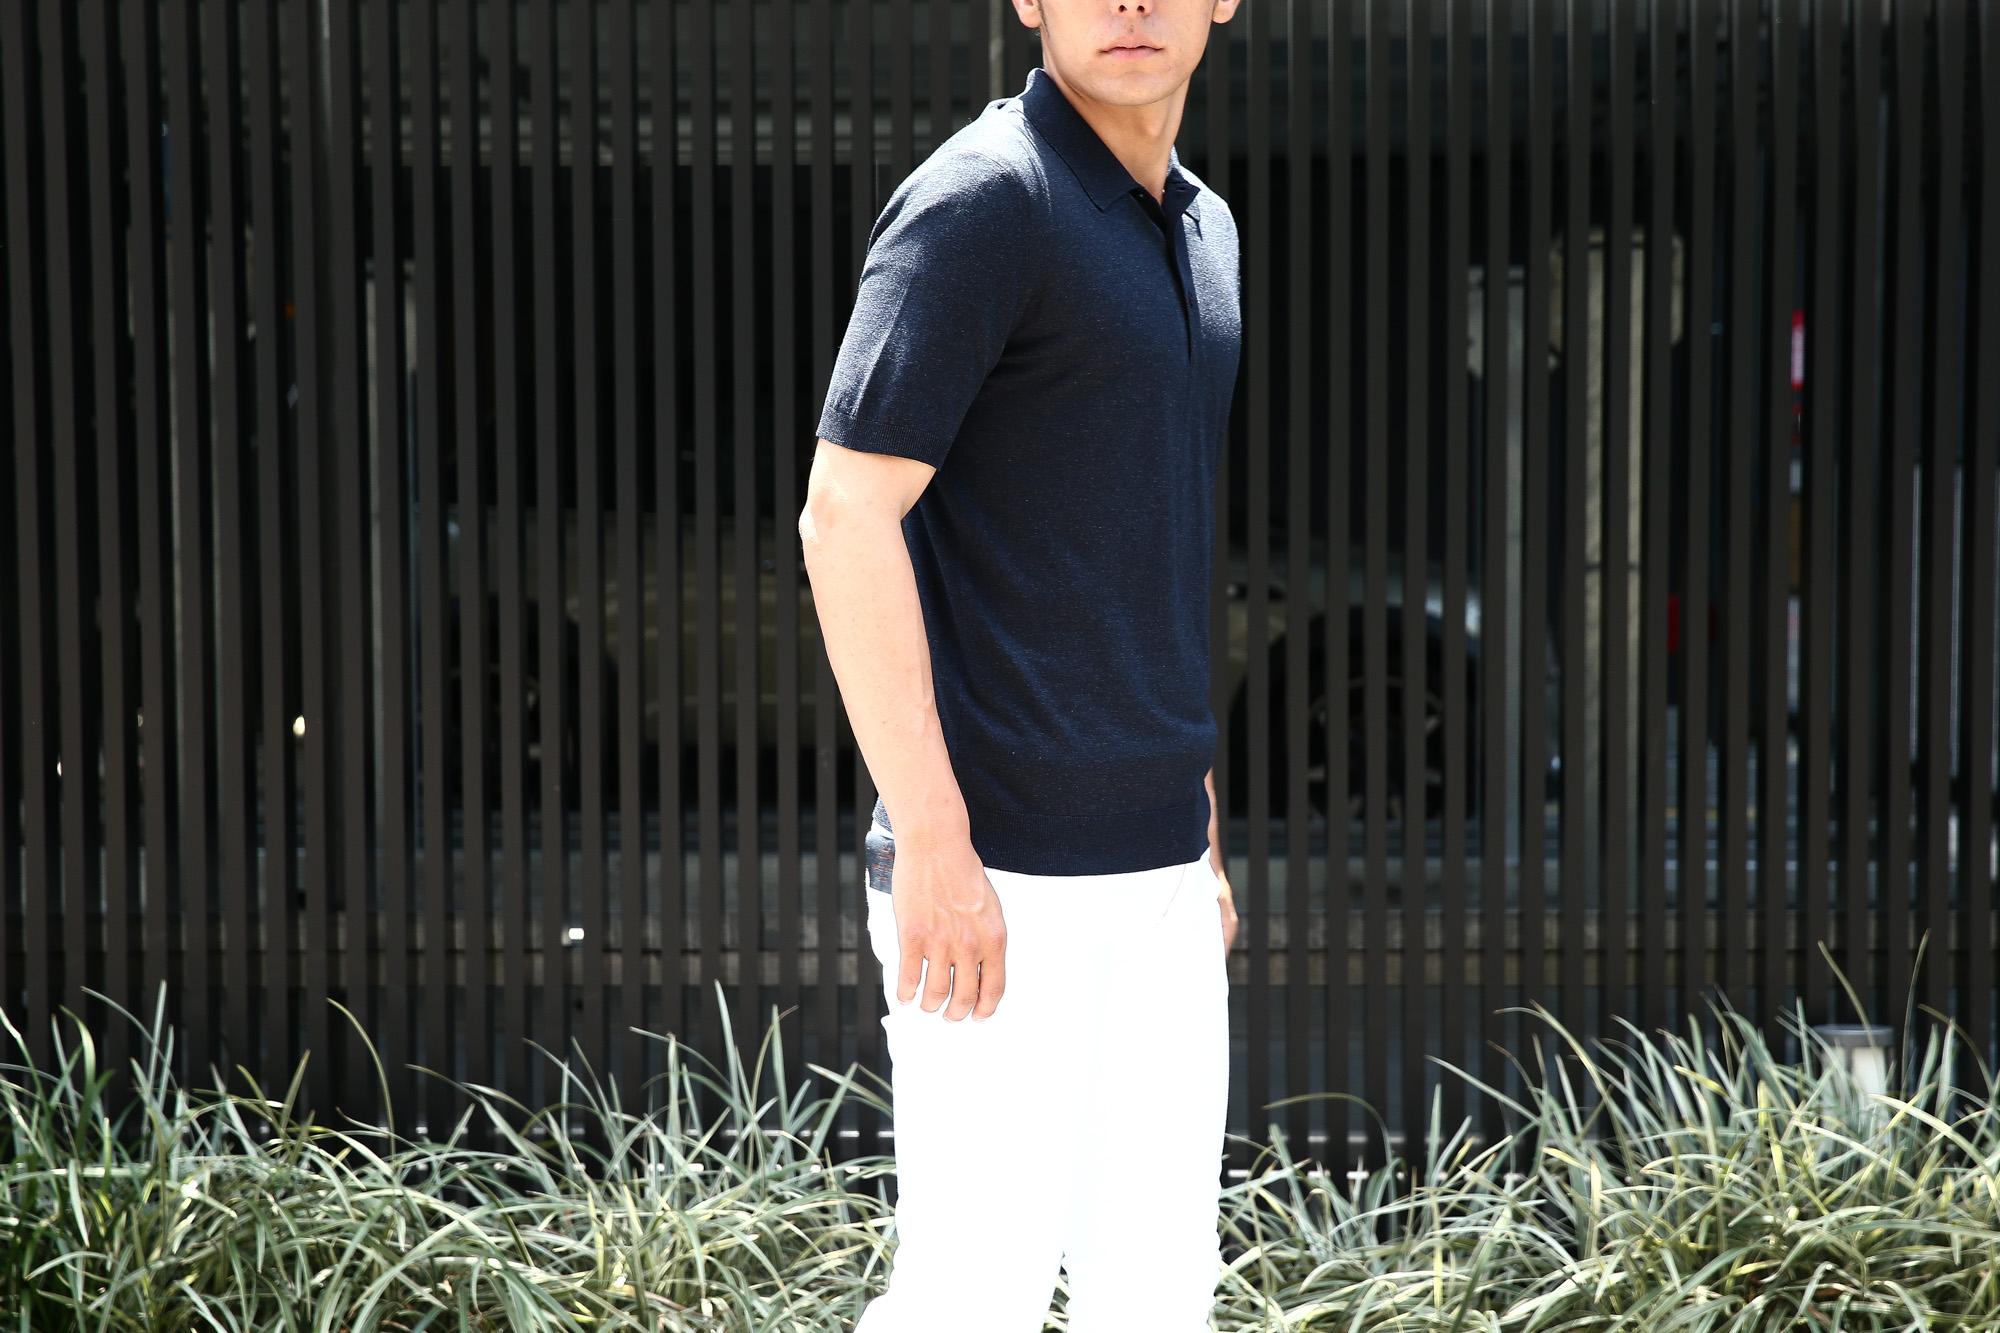 Gran Sasso (グランサッソ) Silk Knit Polo Shirt (シルクニット ポロシャツ) SETA (シルク 100%) シルク ニット ポロシャツ NAVY (ネイビー・597) made in italy (イタリア製) 2018 春夏新作  gransasso グランサッソ 愛知 名古屋 Alto e Diritto アルト エ デリット 44,46,48,50,52,54